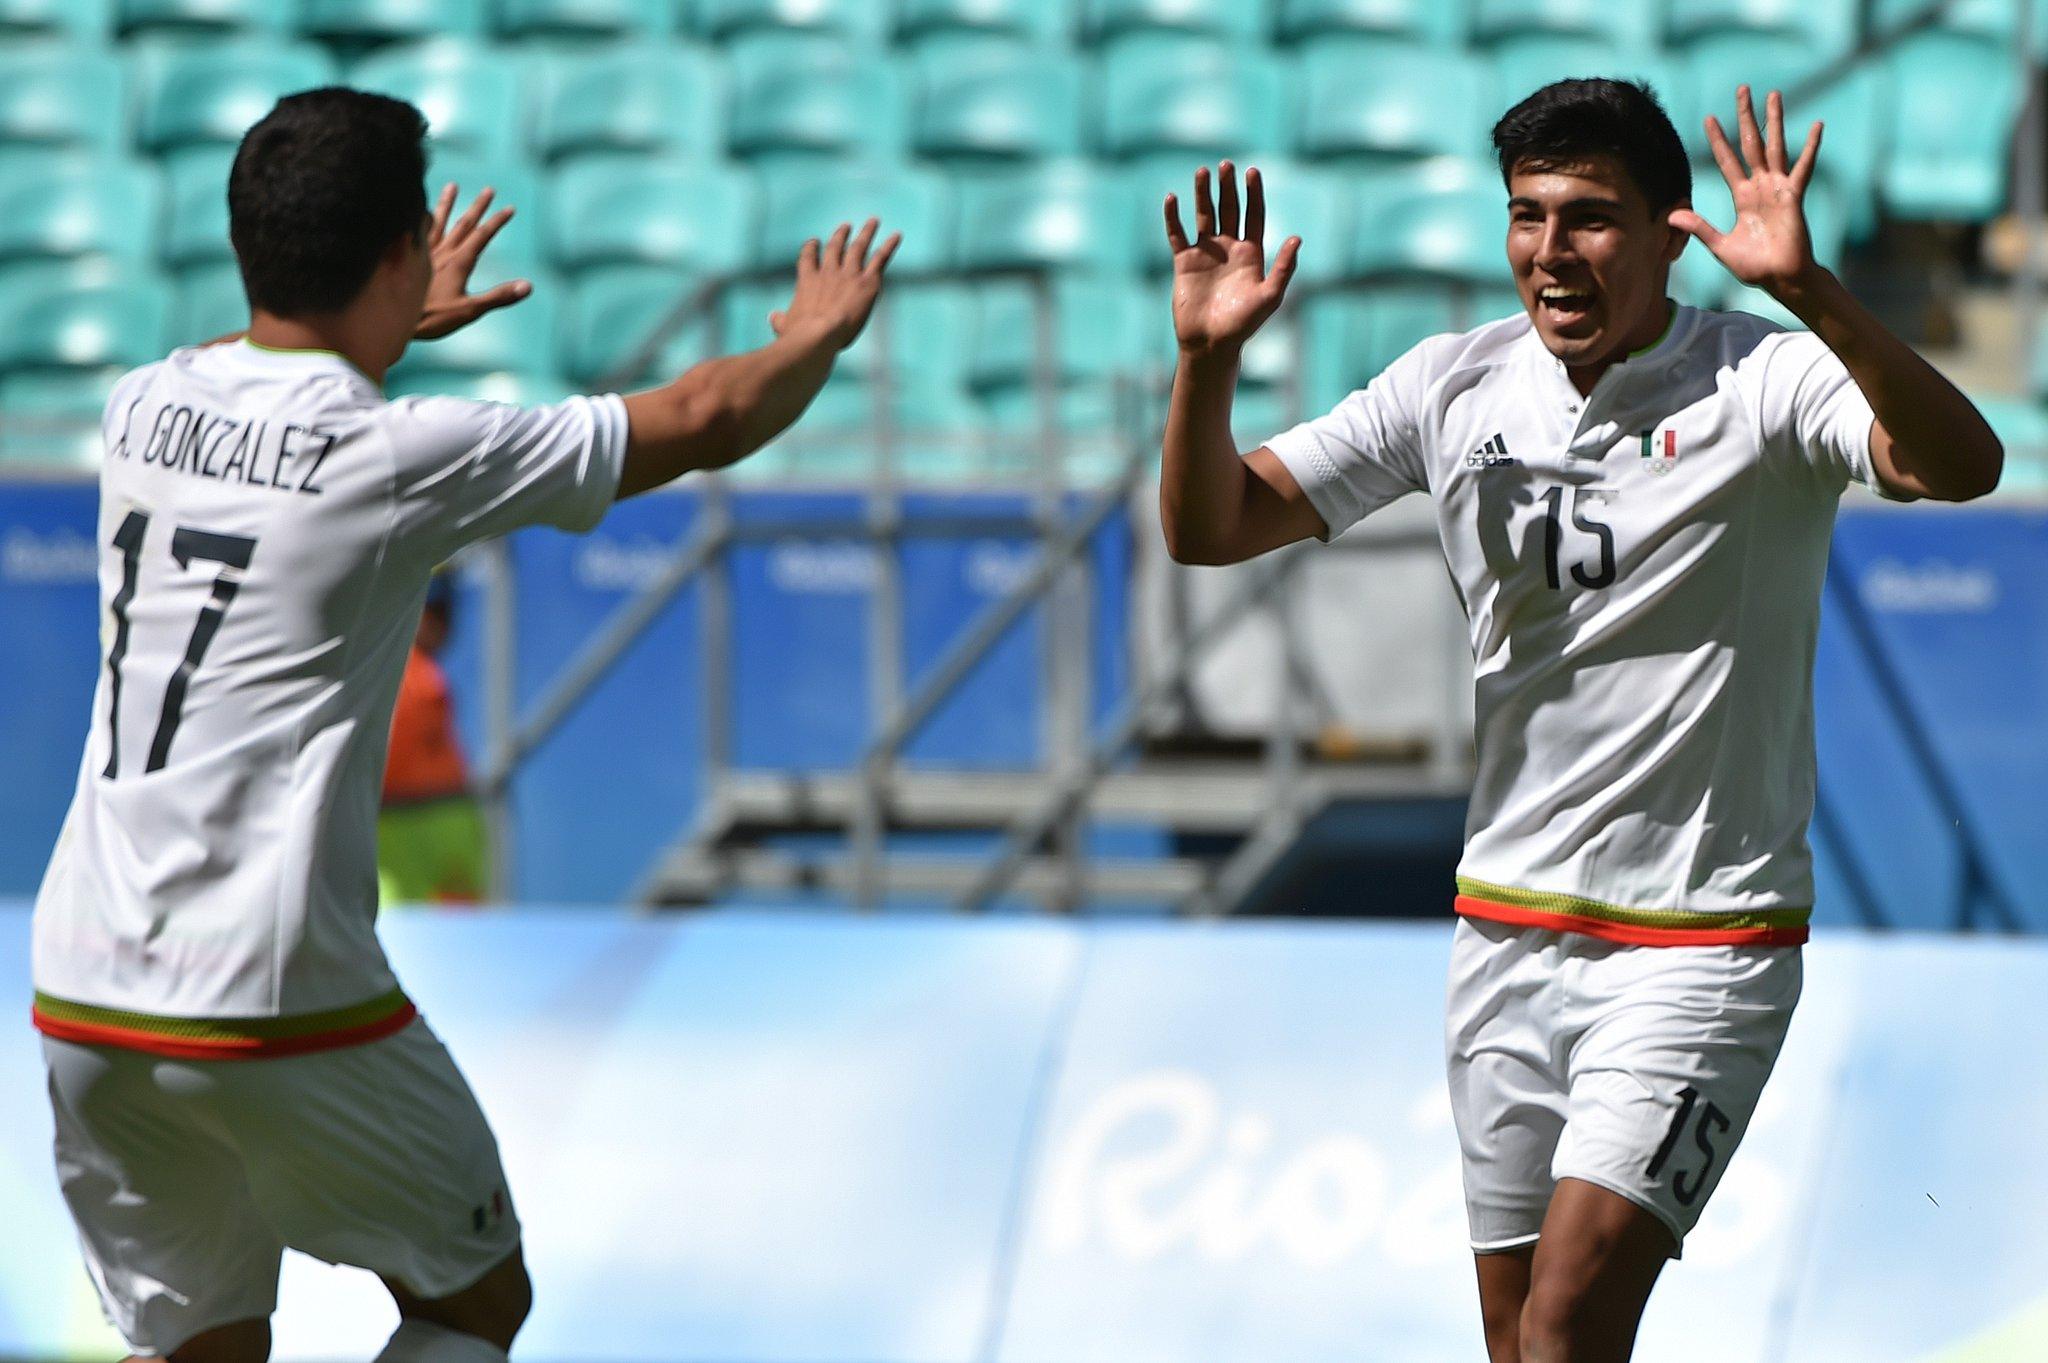 SE DESQUITA MÉXICO CON FIJI: Tras un sustazo inicial, el Tri golea 5-1 a la novata selección con 4 anotaciones de Erick Gutiérrez